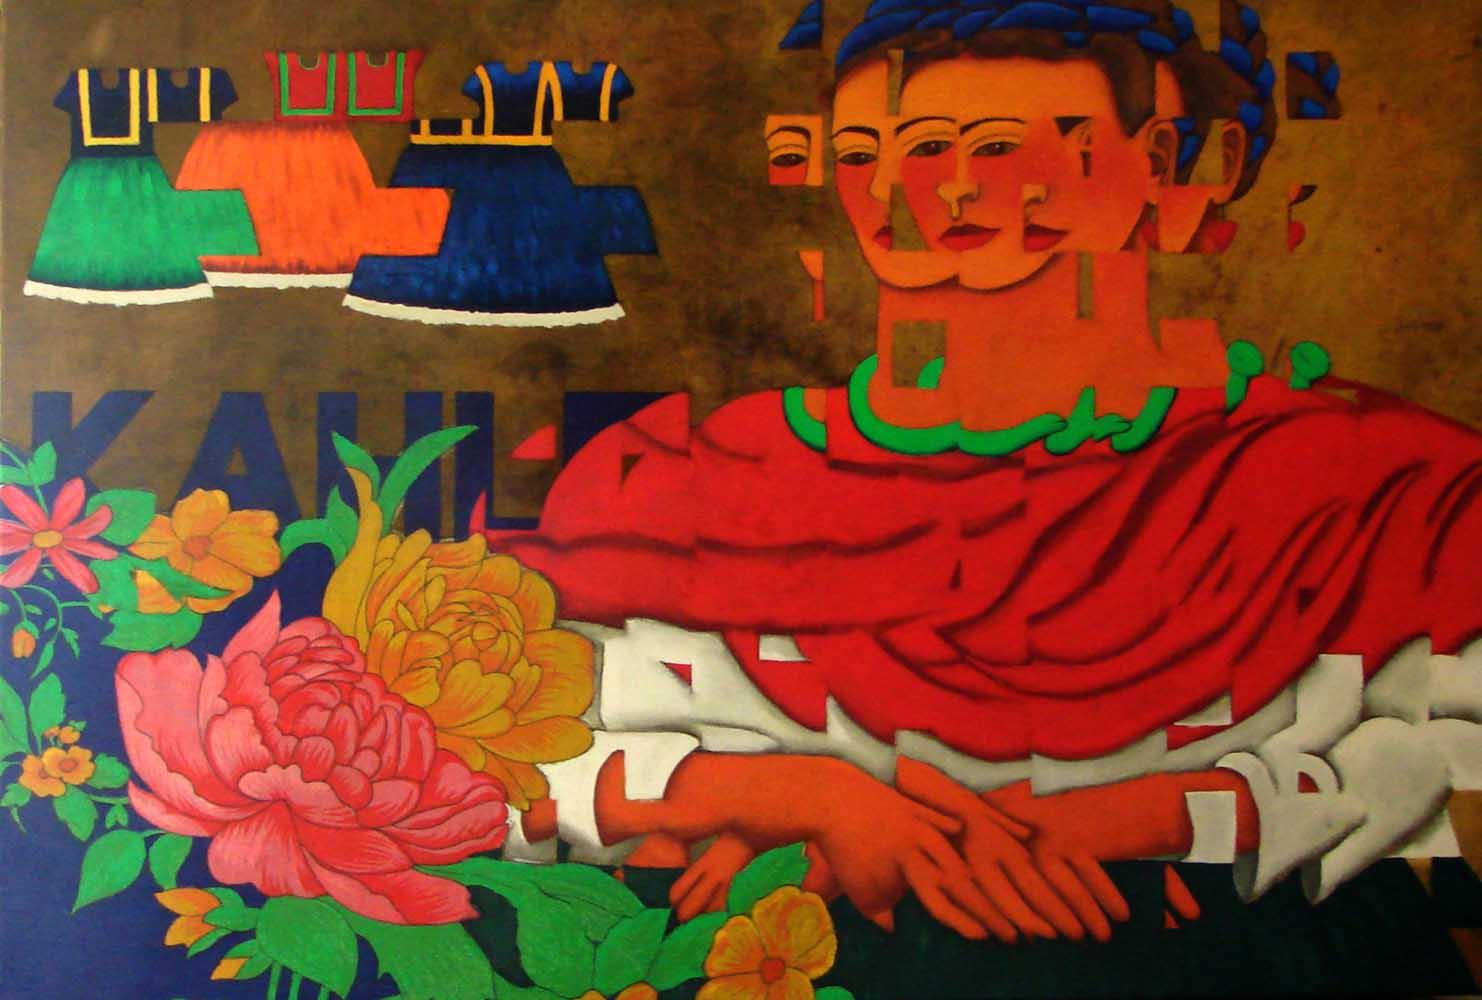 2015 Releitura Frida Kahlo 75x110cm